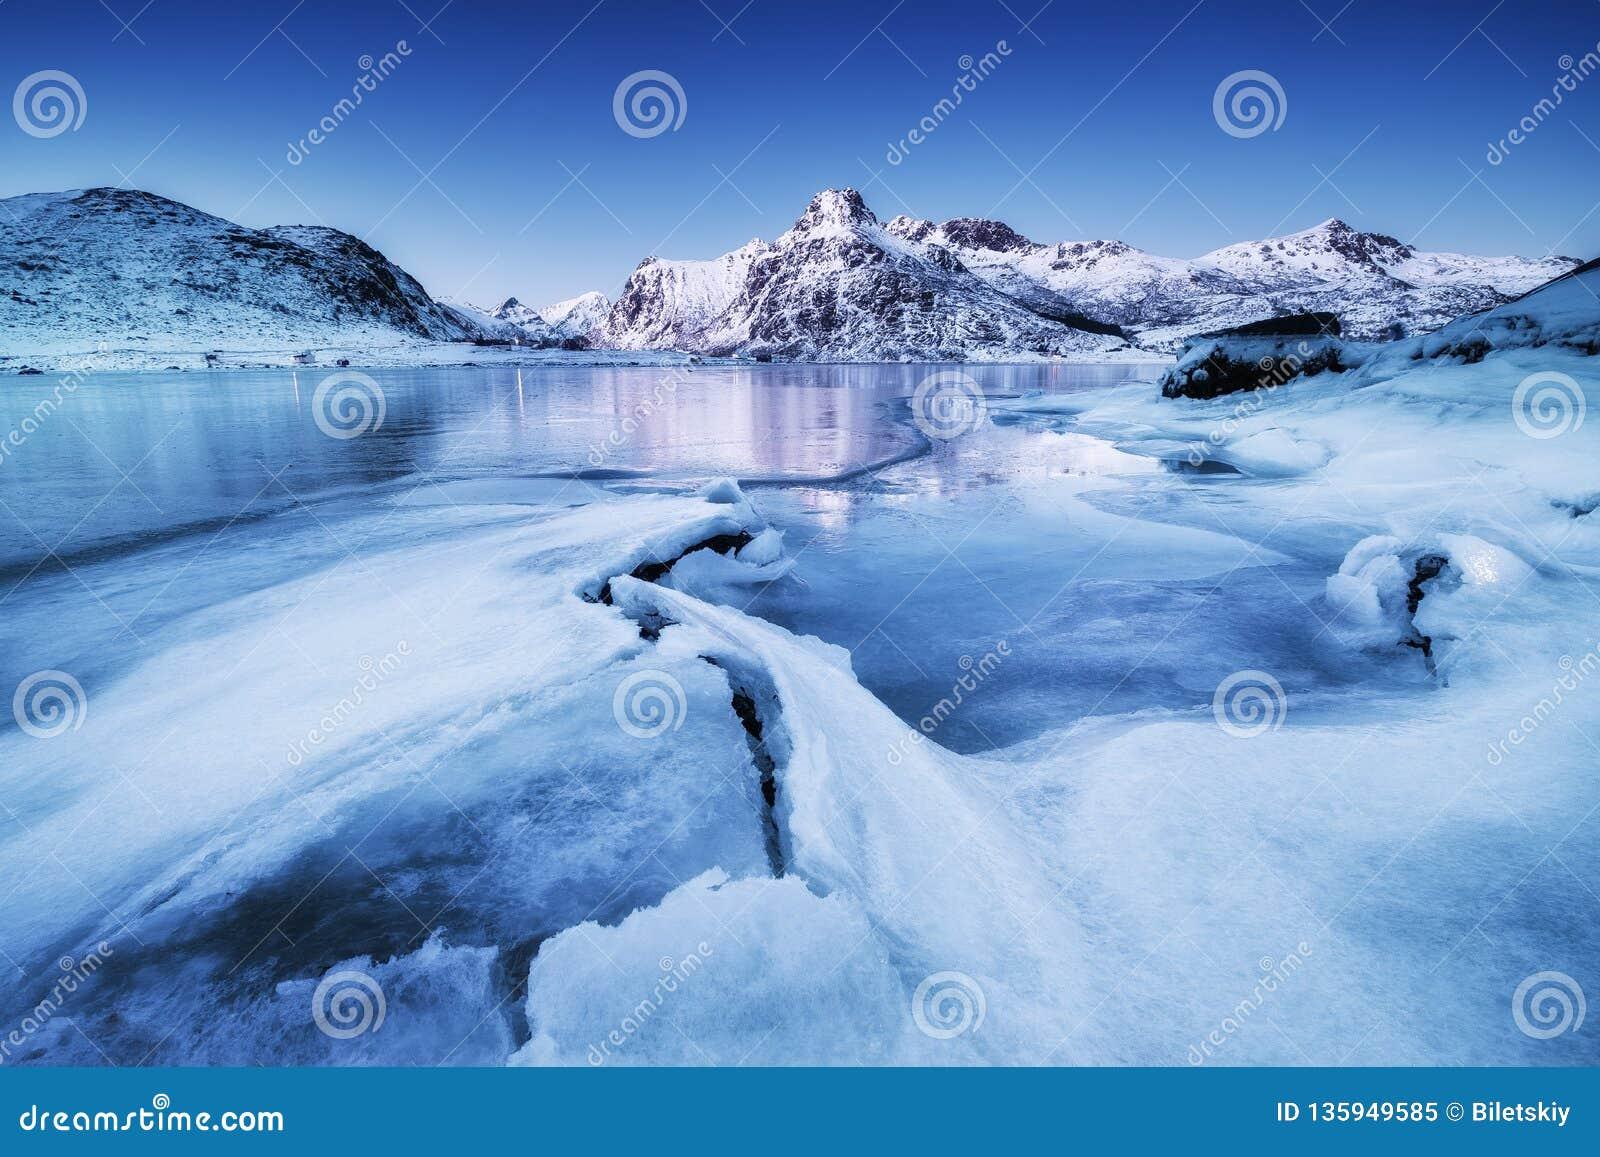 Κορυφογραμμή και πάγος βουνών στην παγωμένη επιφάνεια λιμνών Φυσικό τοπίο στα νησιά Lofoten, Νορβηγία